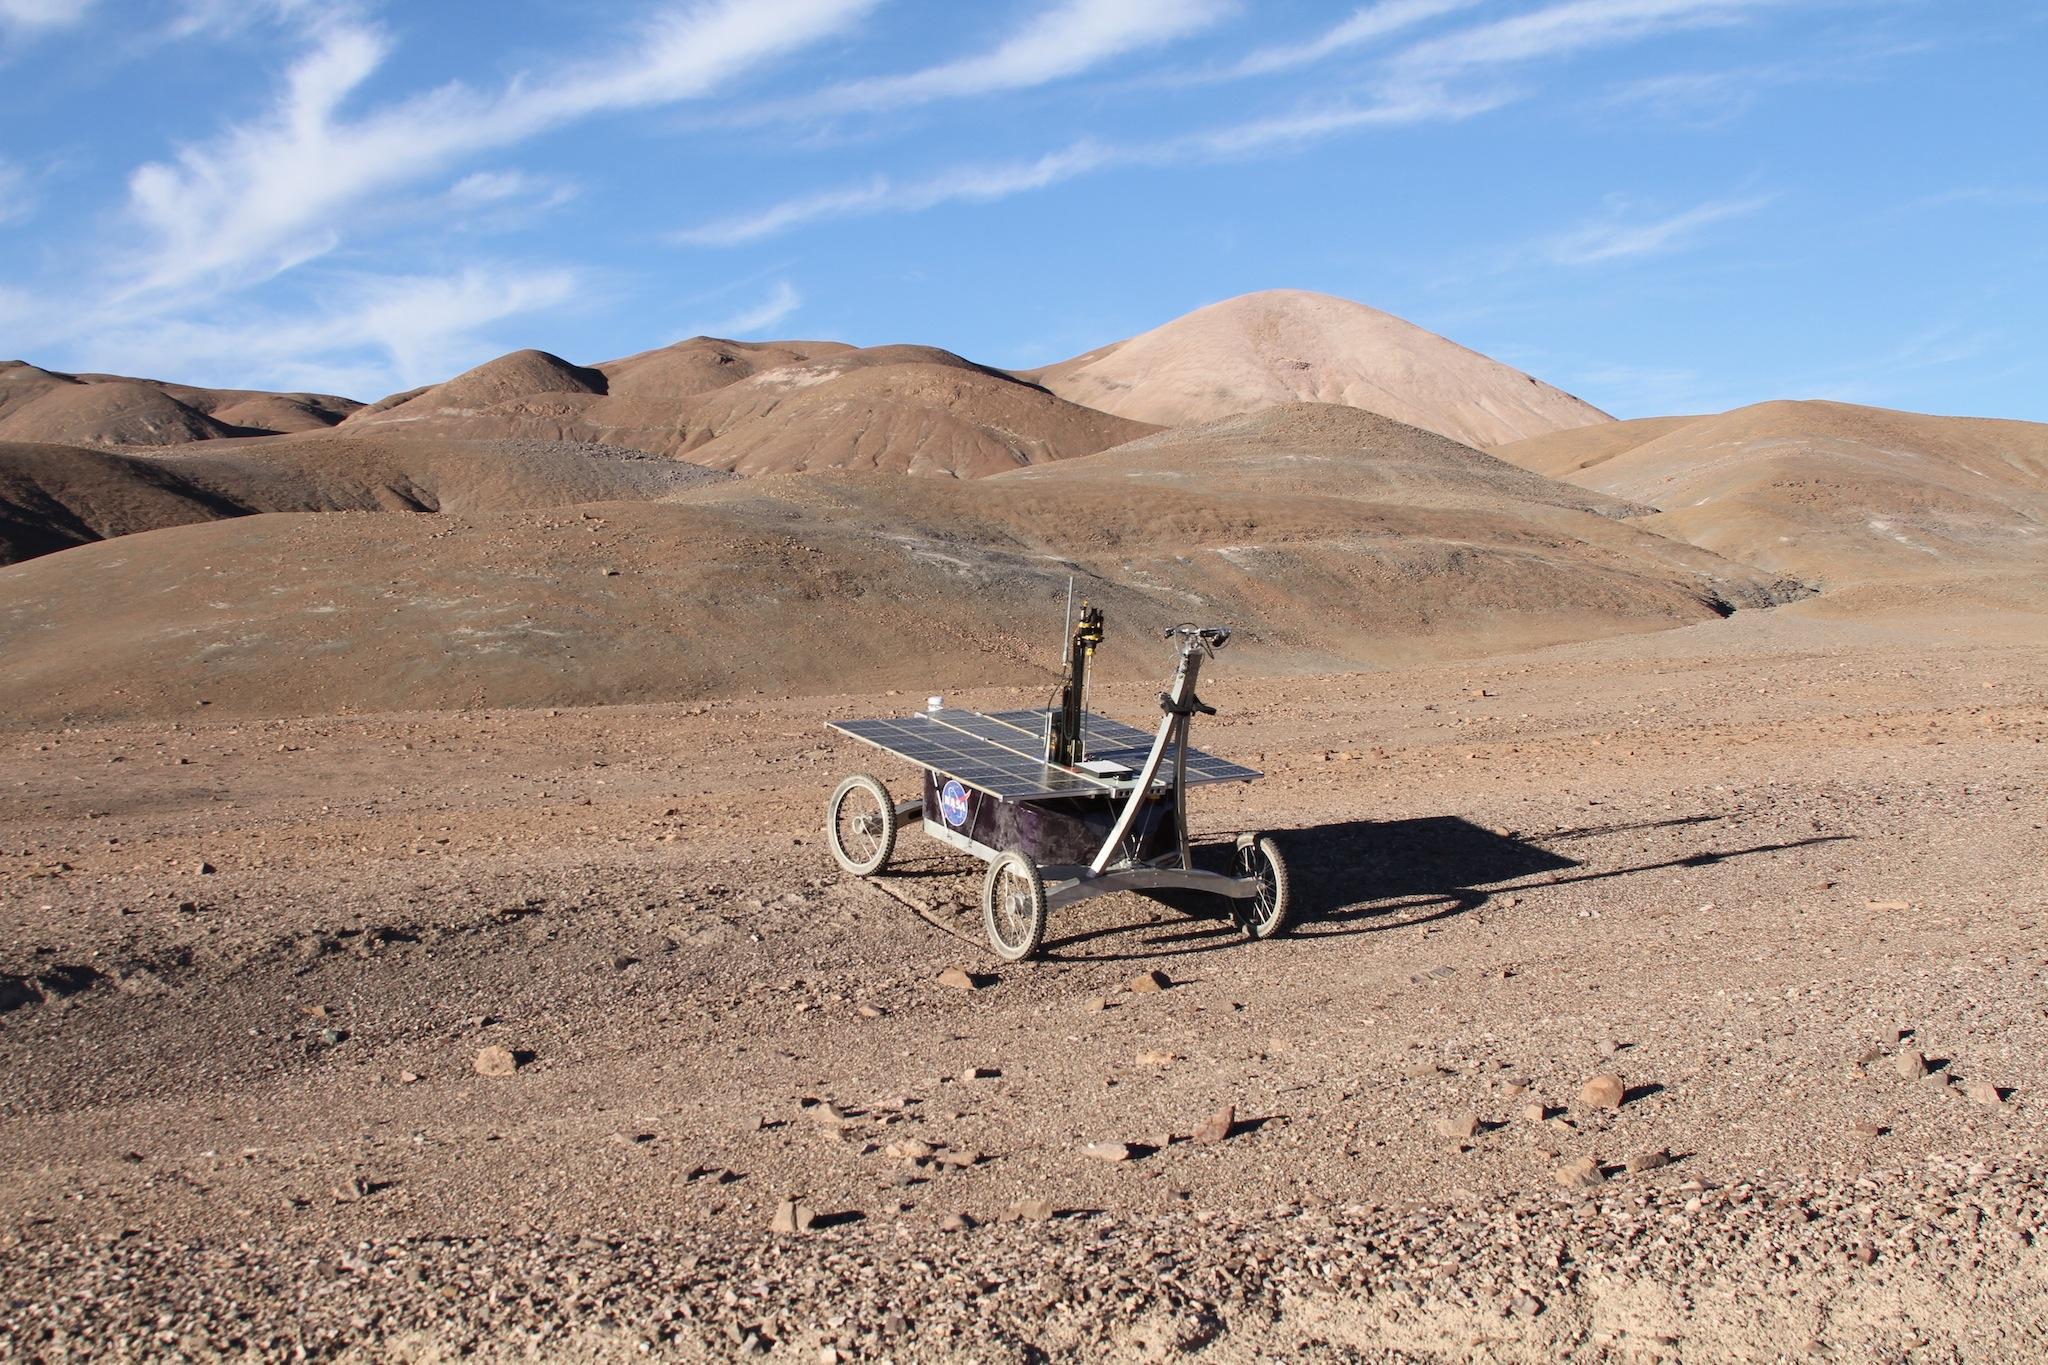 El rover de la NASA recogió con éxito muestras de sedimentos hasta una profundidad de 80 centímetros en el subsuelo del desierto chileno de Atacama. Imagen: Prof. Stephen B. Pointing / Frontiers.